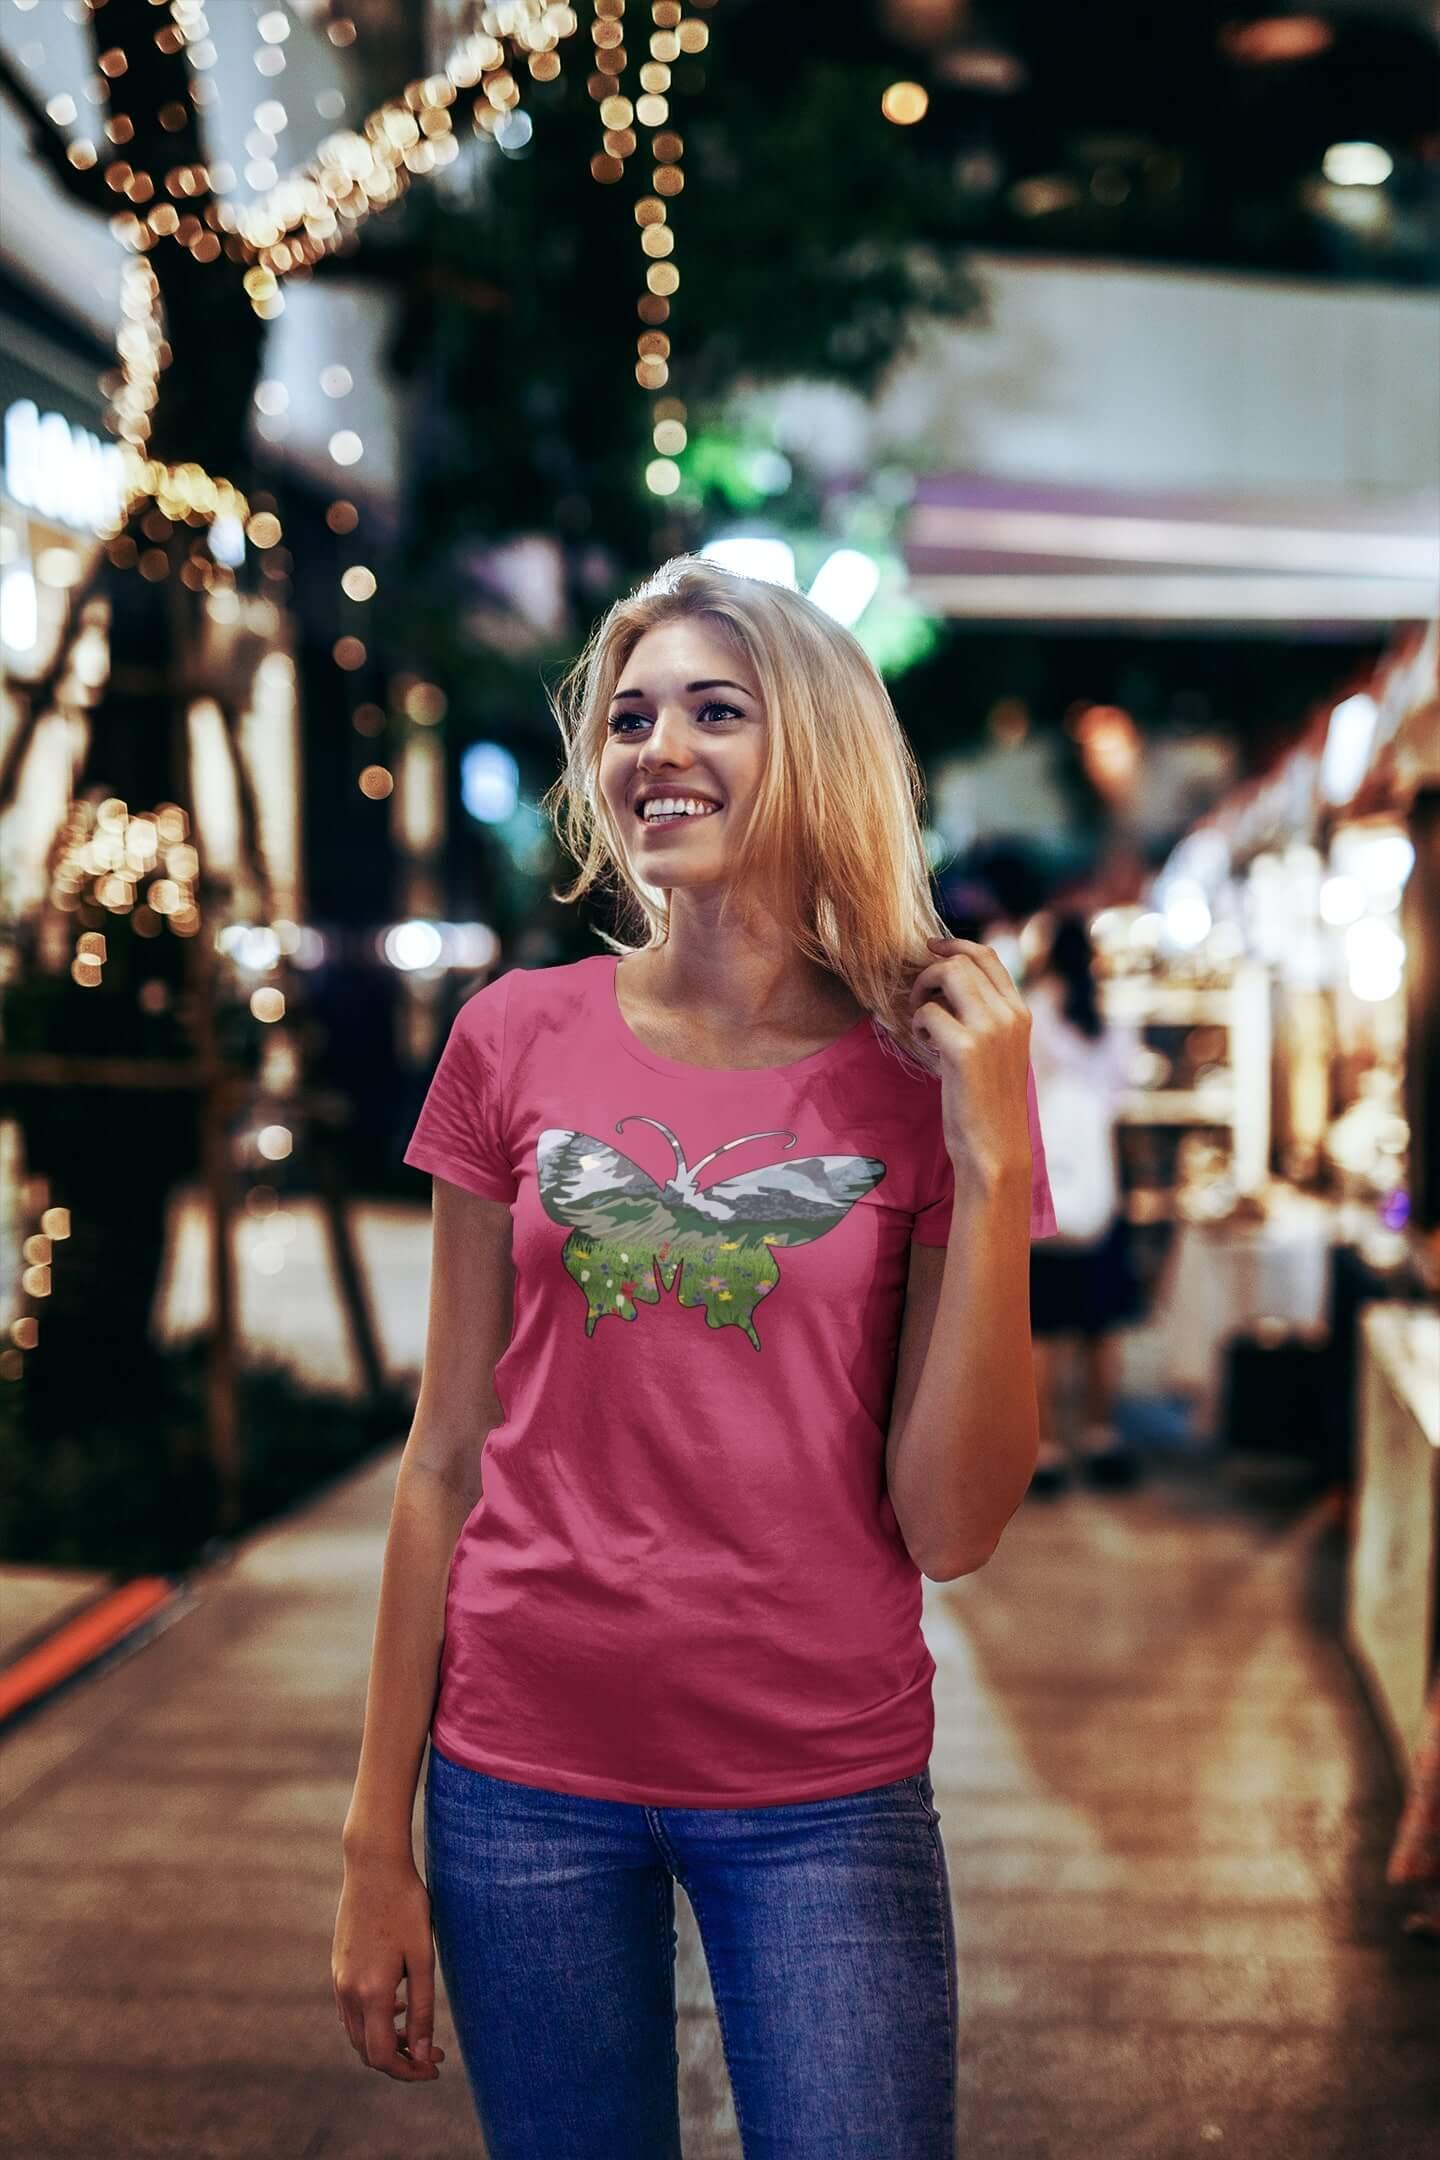 MMO Dámske tričko Motýľ Vyberte farbu: Purpurová, Vyberte veľkosť: S